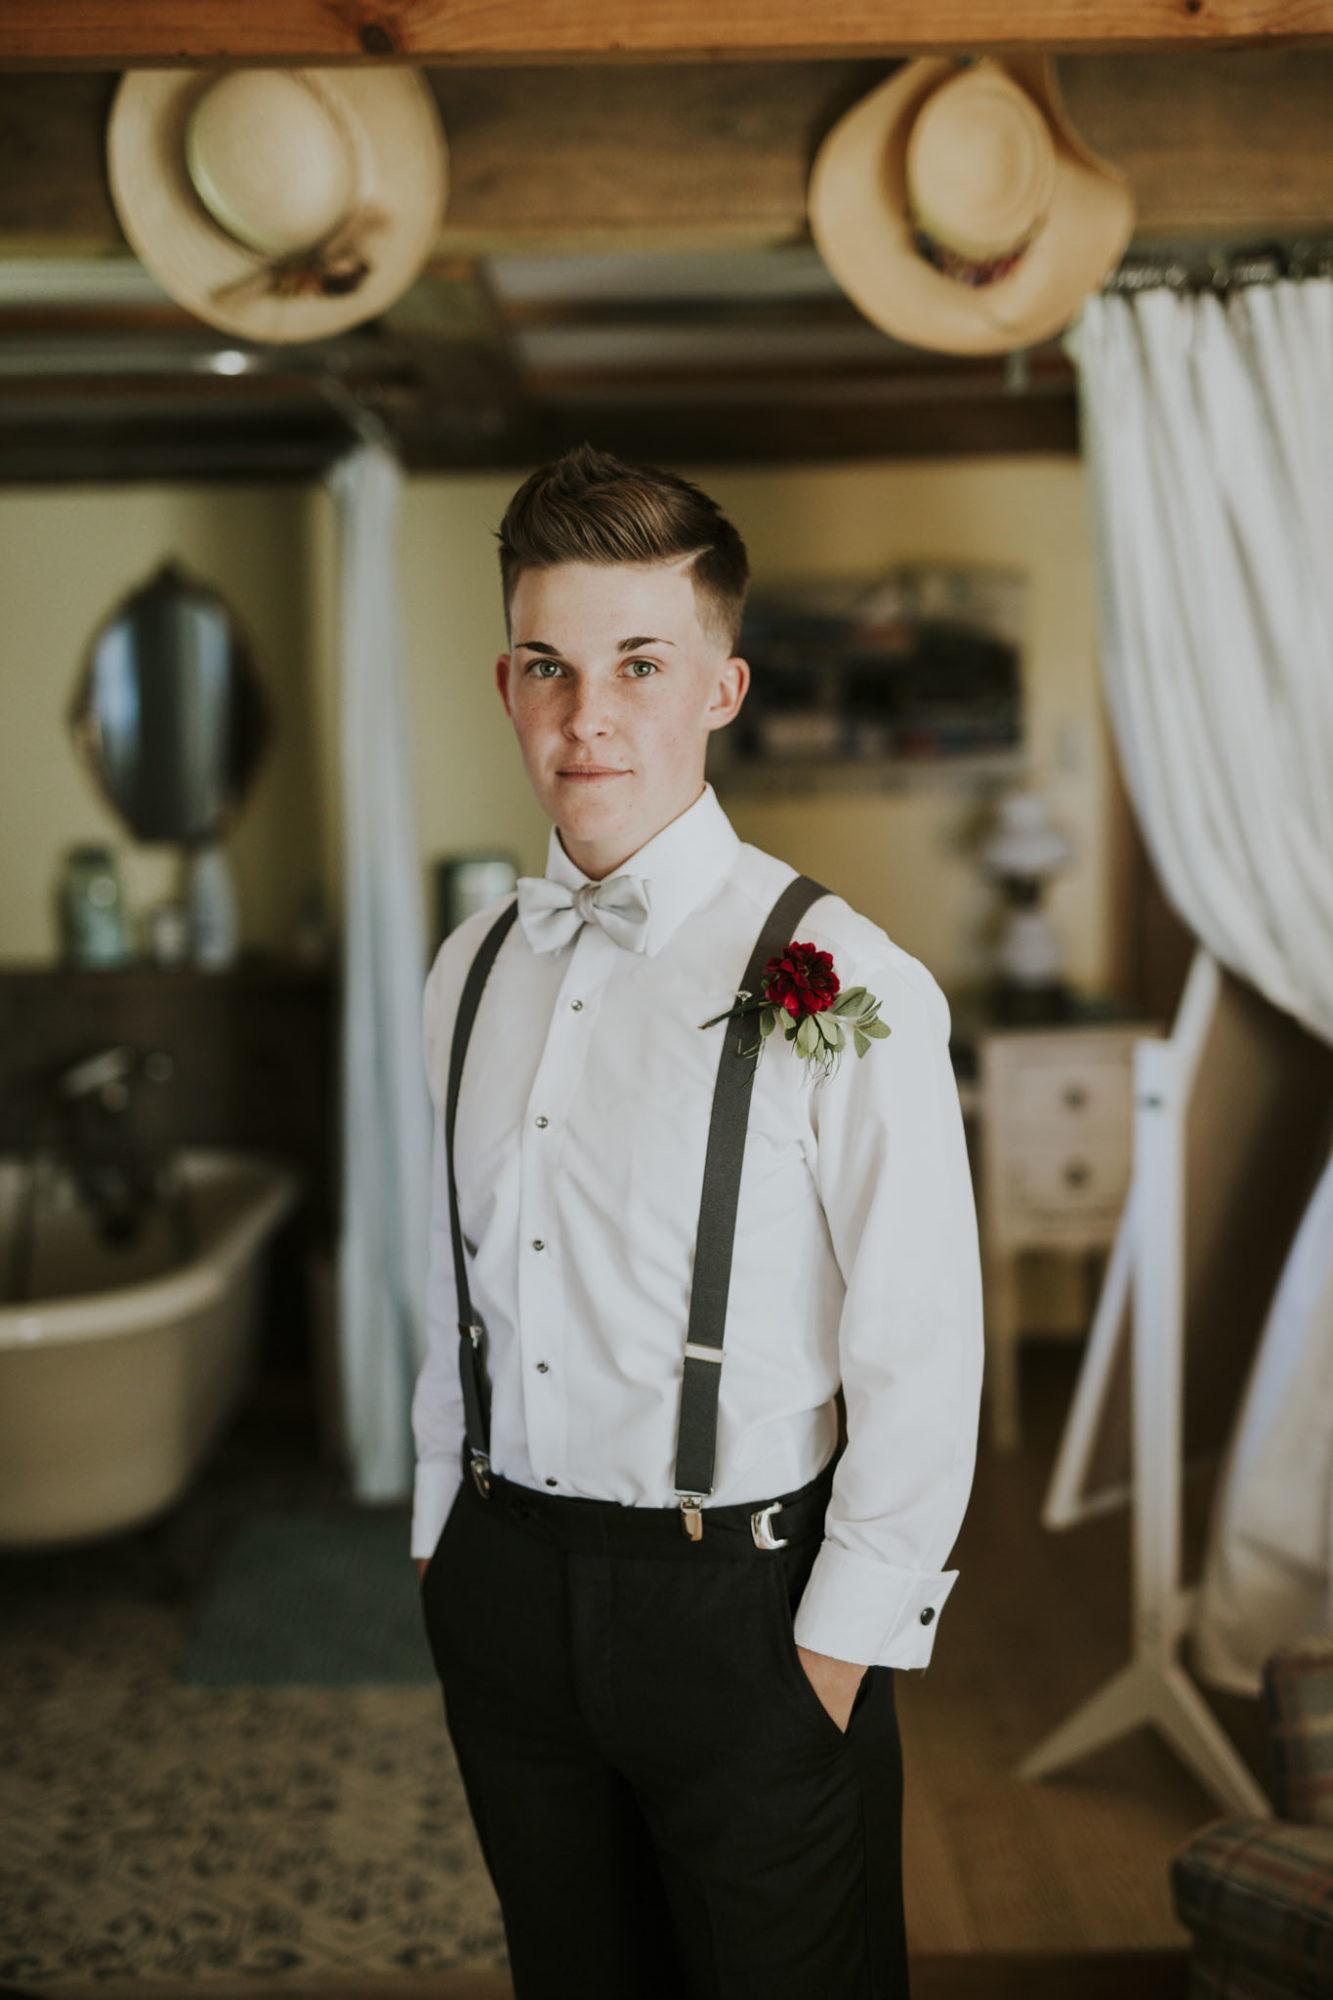 Partner at Starry Night Barn Wedding